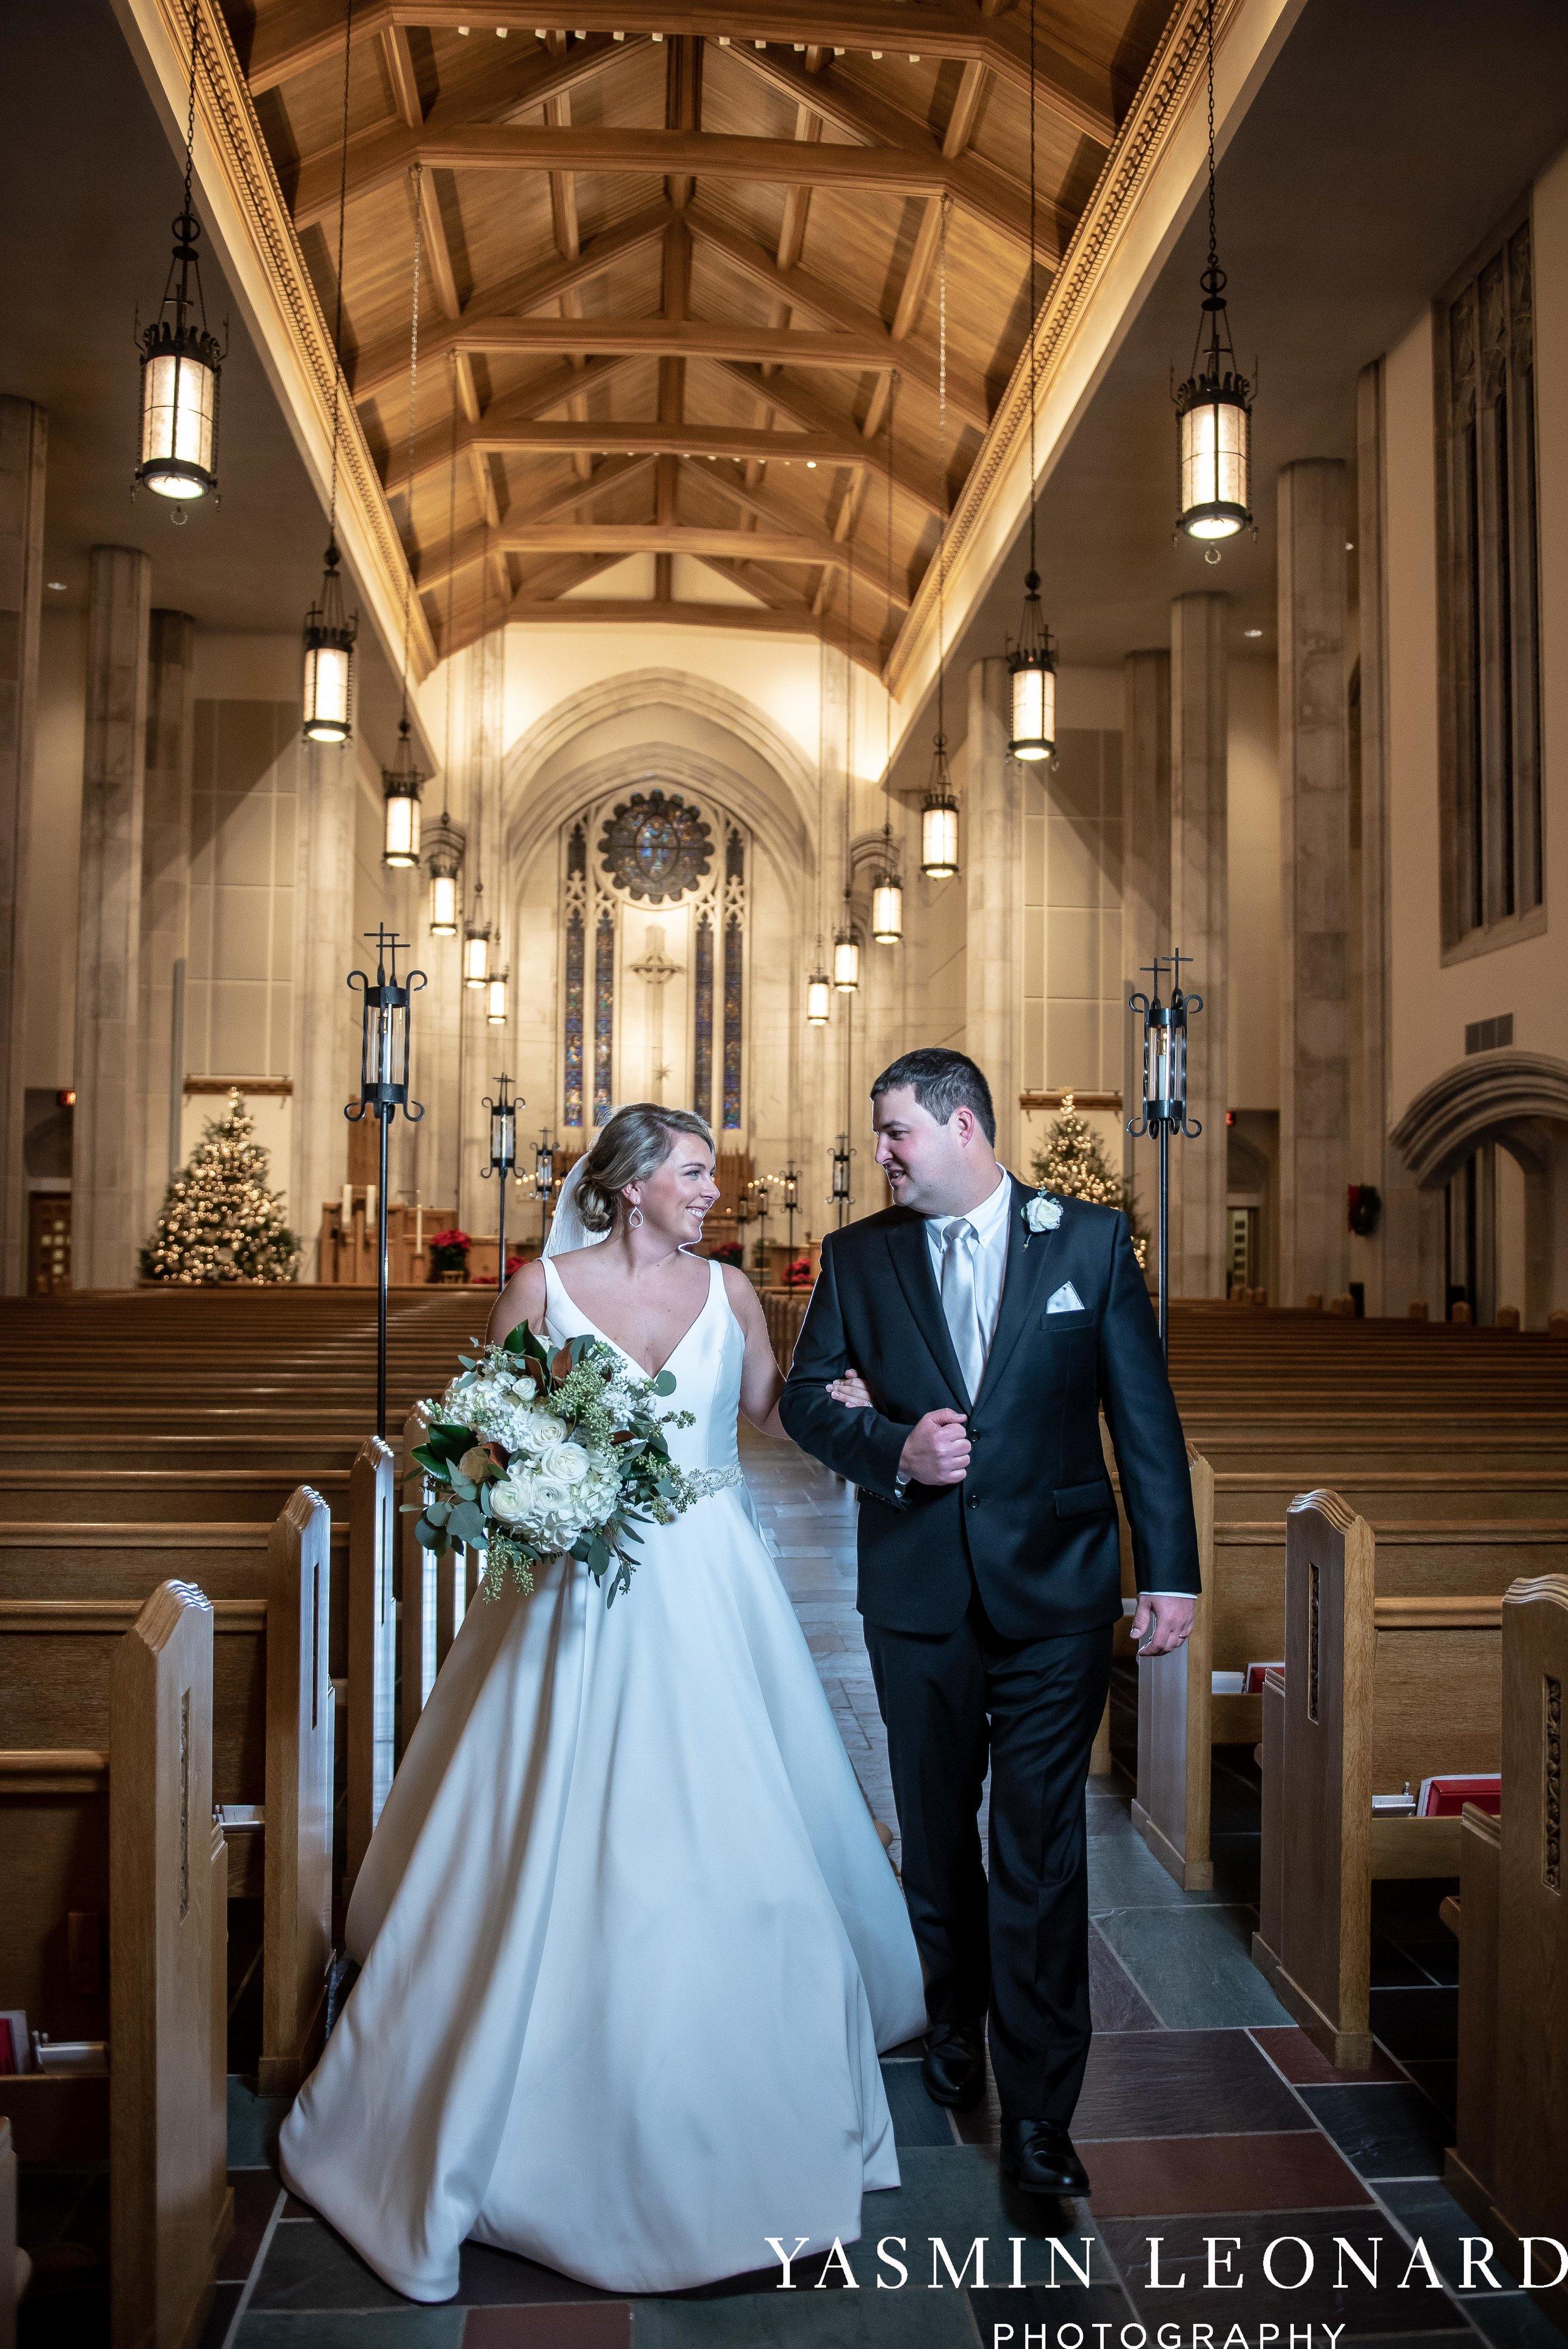 Adaumont Farm - Wesley Memorial Weddings - High Point Weddings - Just Priceless - NC Wedding Photographer - Yasmin Leonard Photography - High Point Wedding Vendors-49.jpg